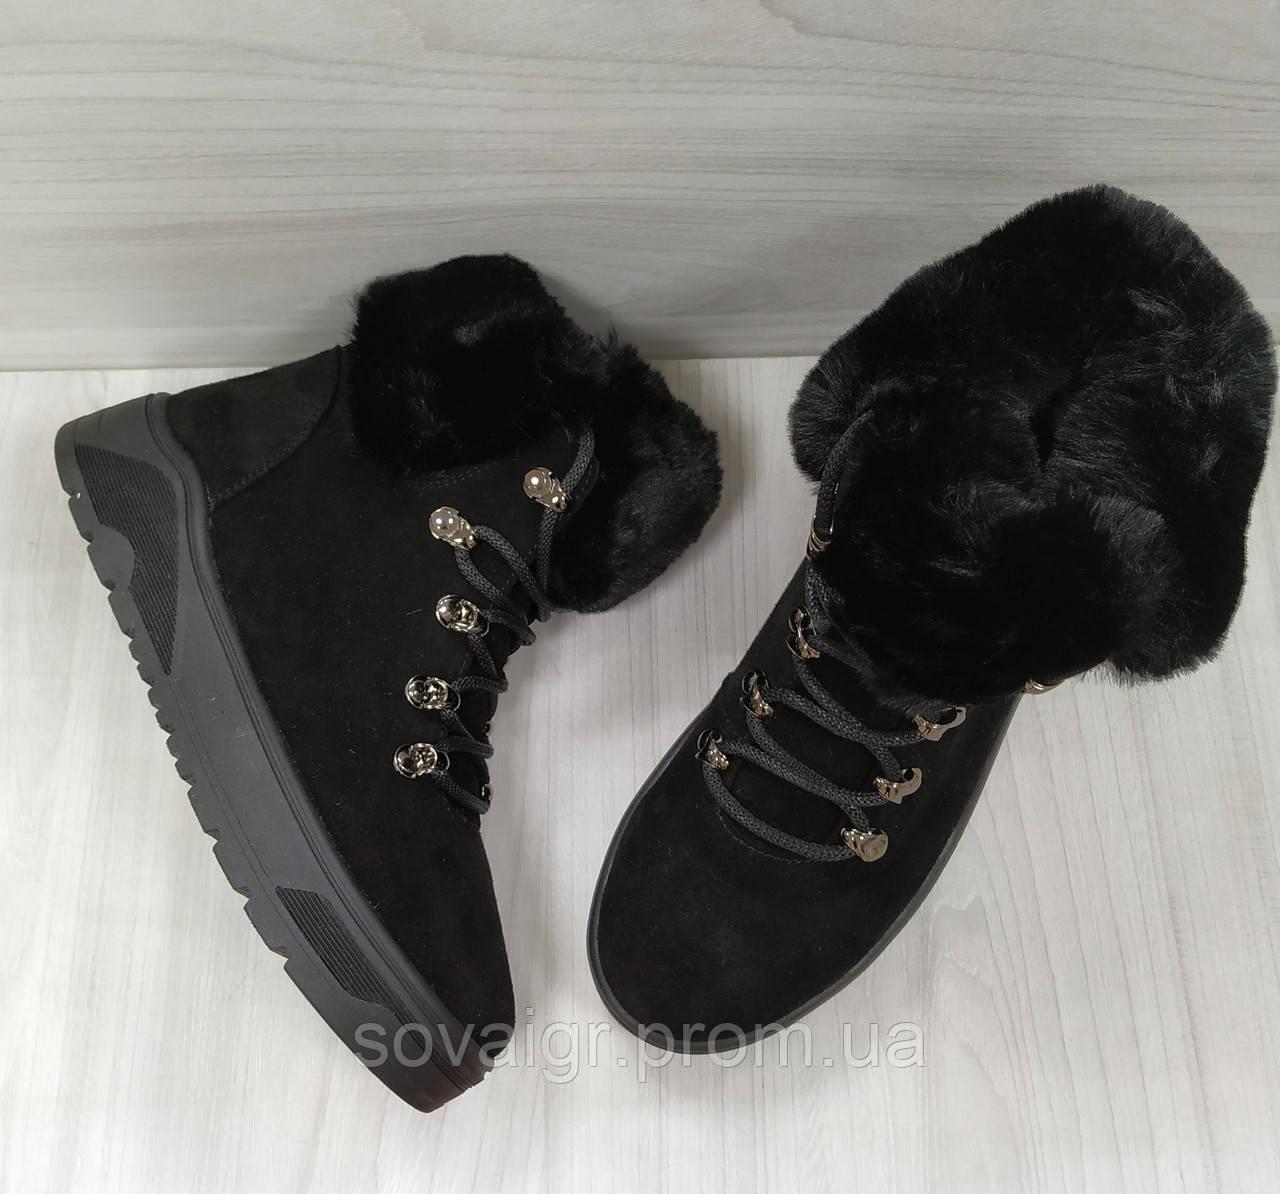 Ботинки женские зимние Masis